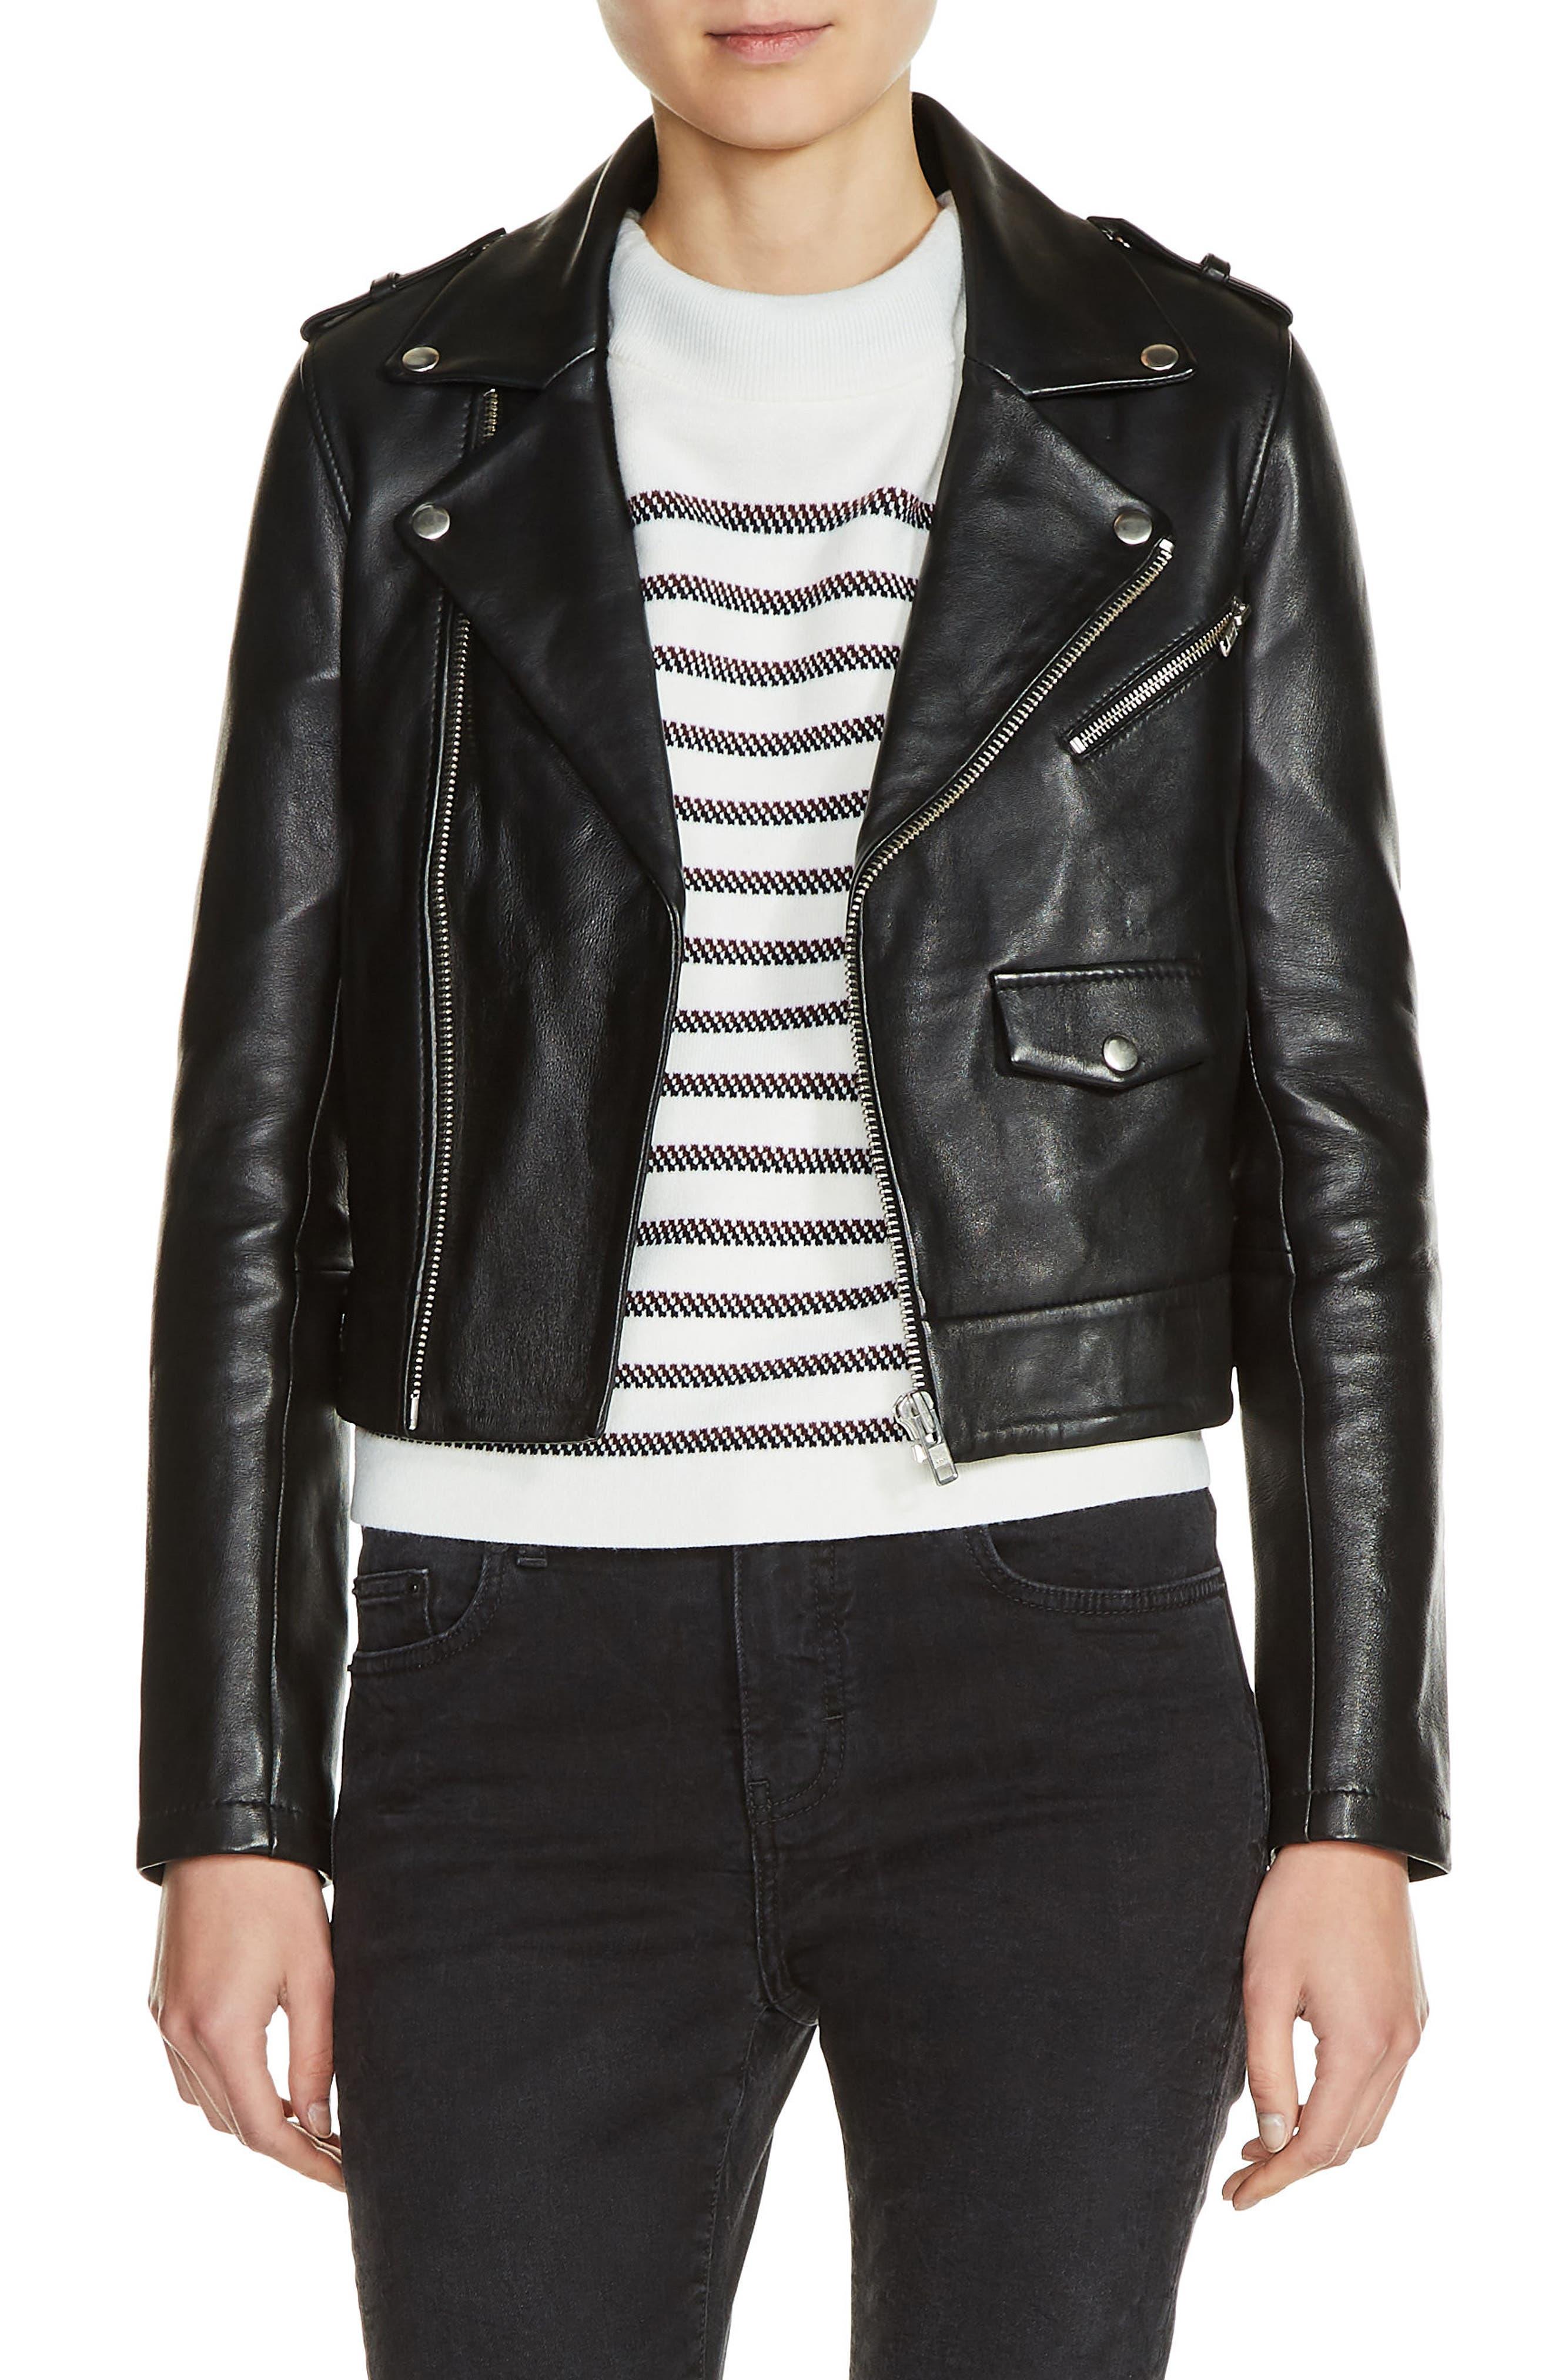 Alternate Image 1 Selected - maje Lambksin Leather Moto Jacket